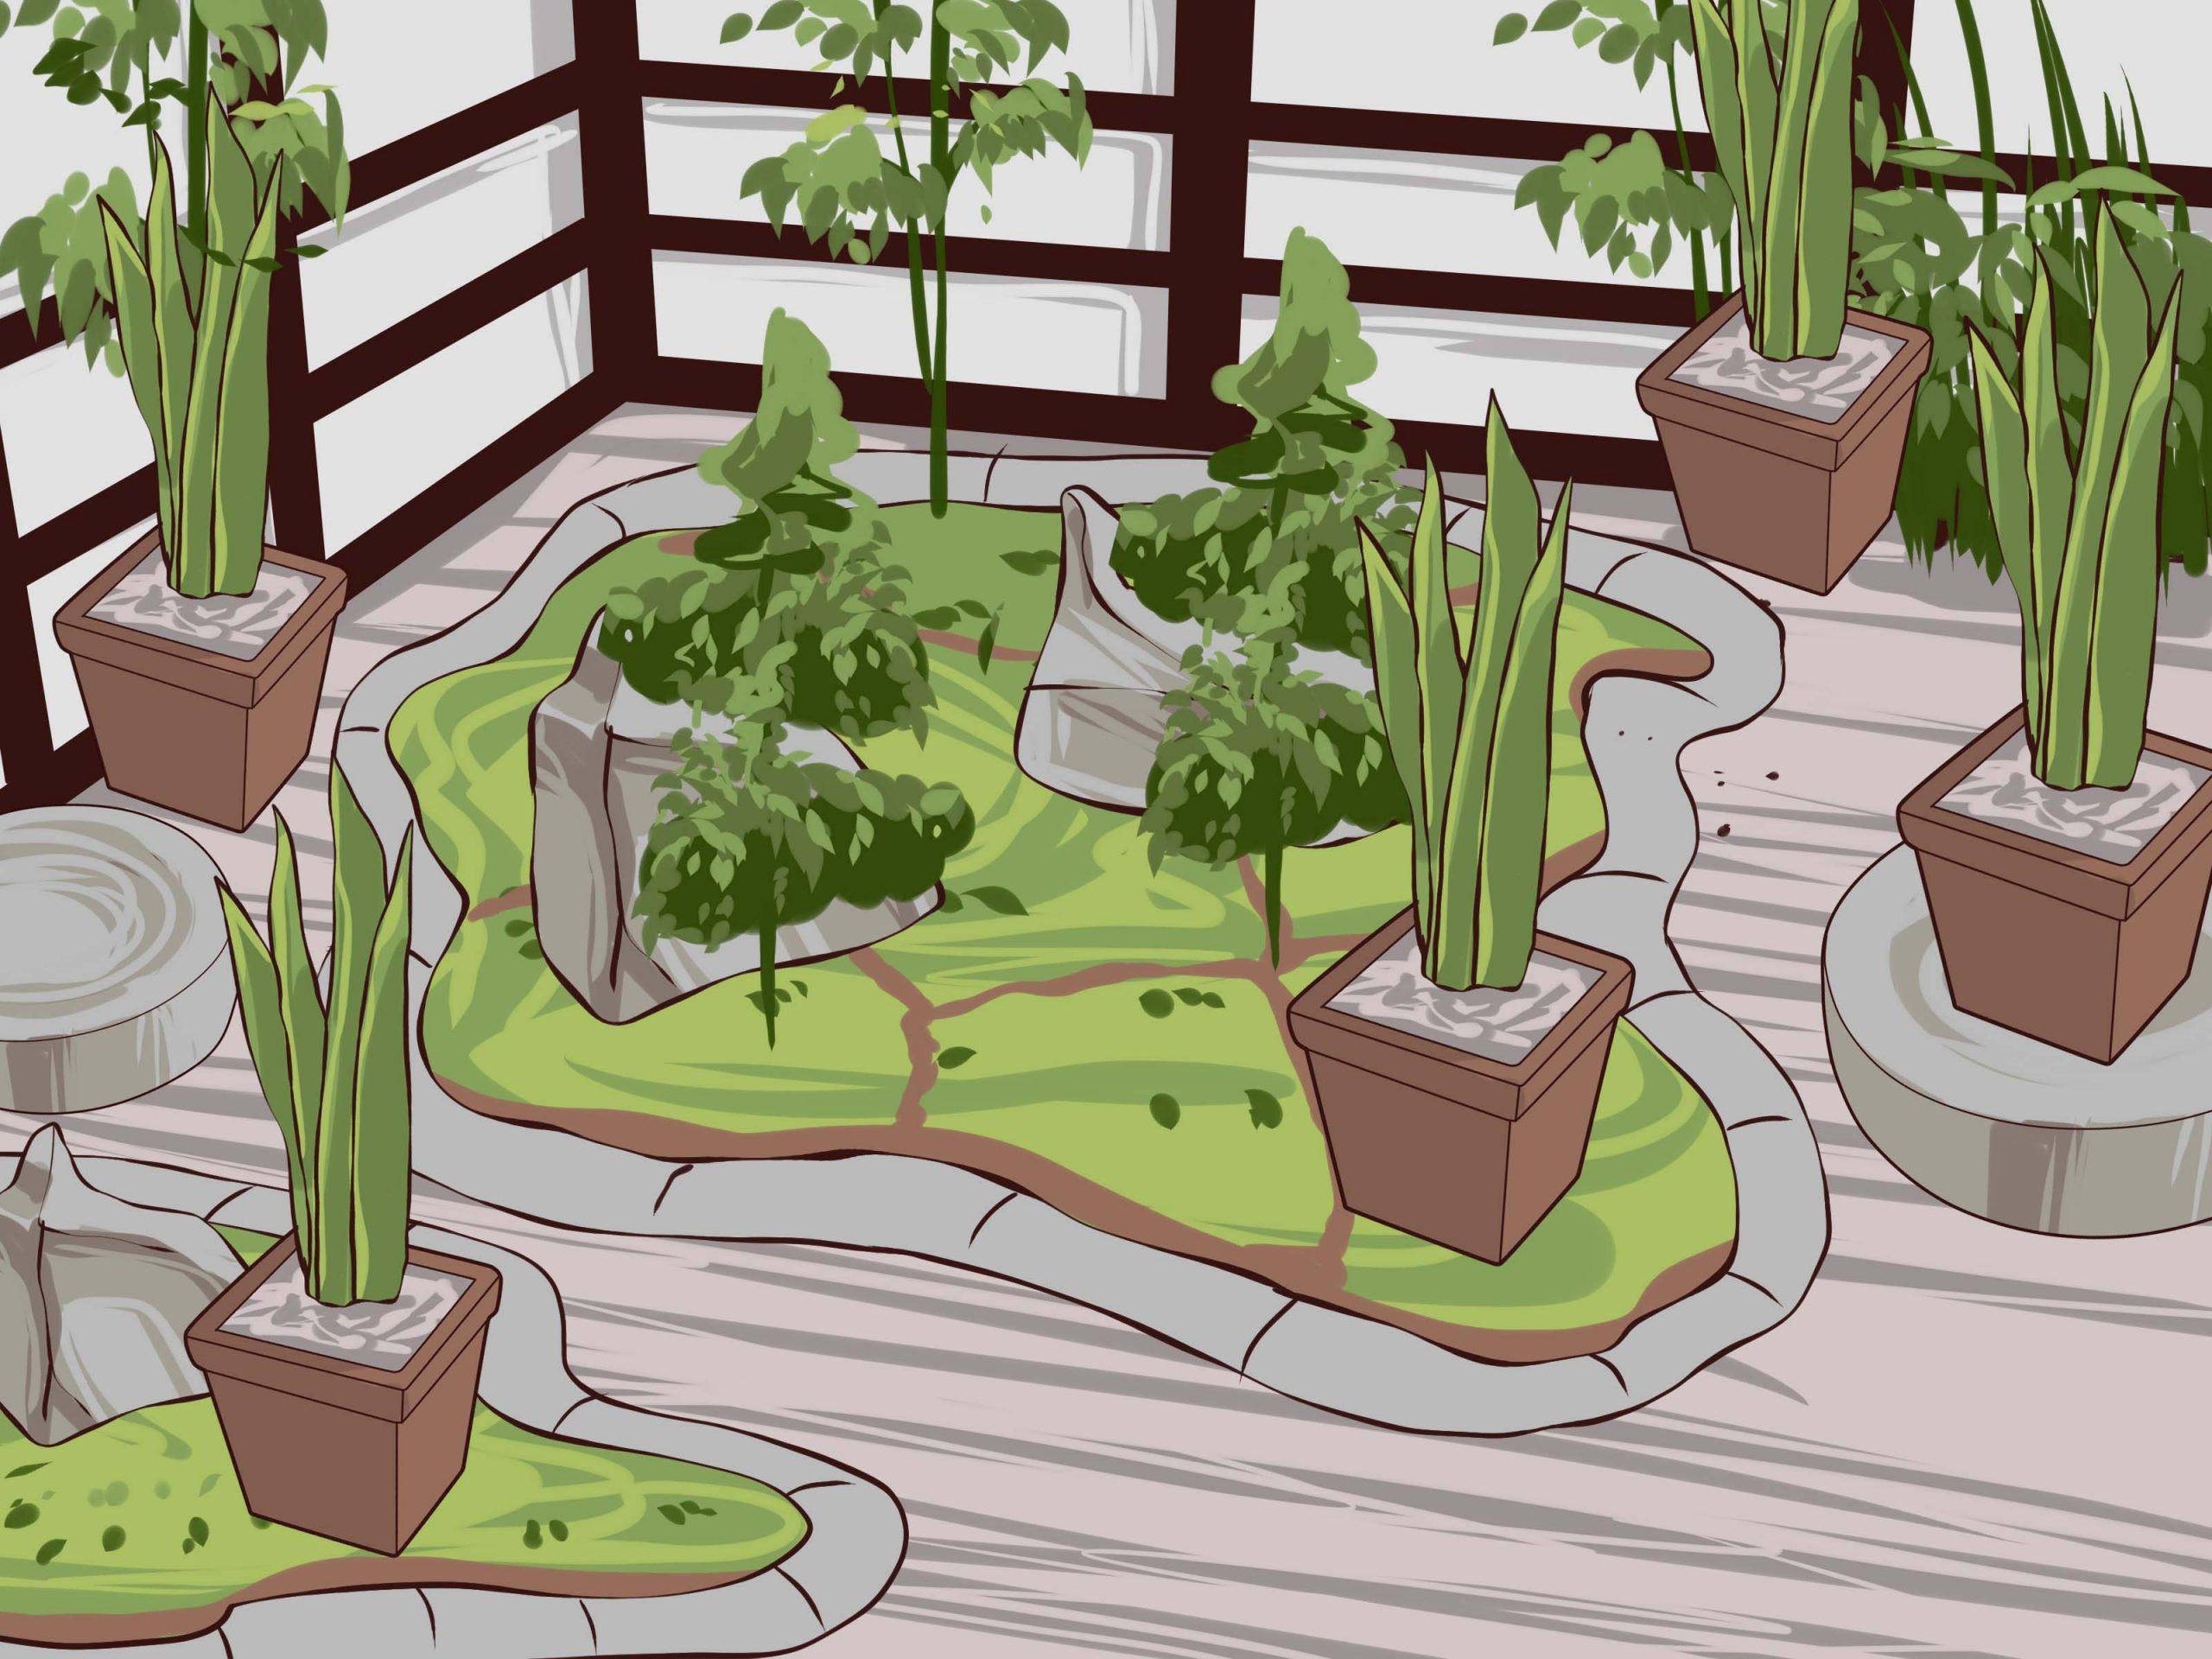 4 Manières De Construire Un Jardin Japonais - Wikihow pour Faire Un Jardin Japonais Facile